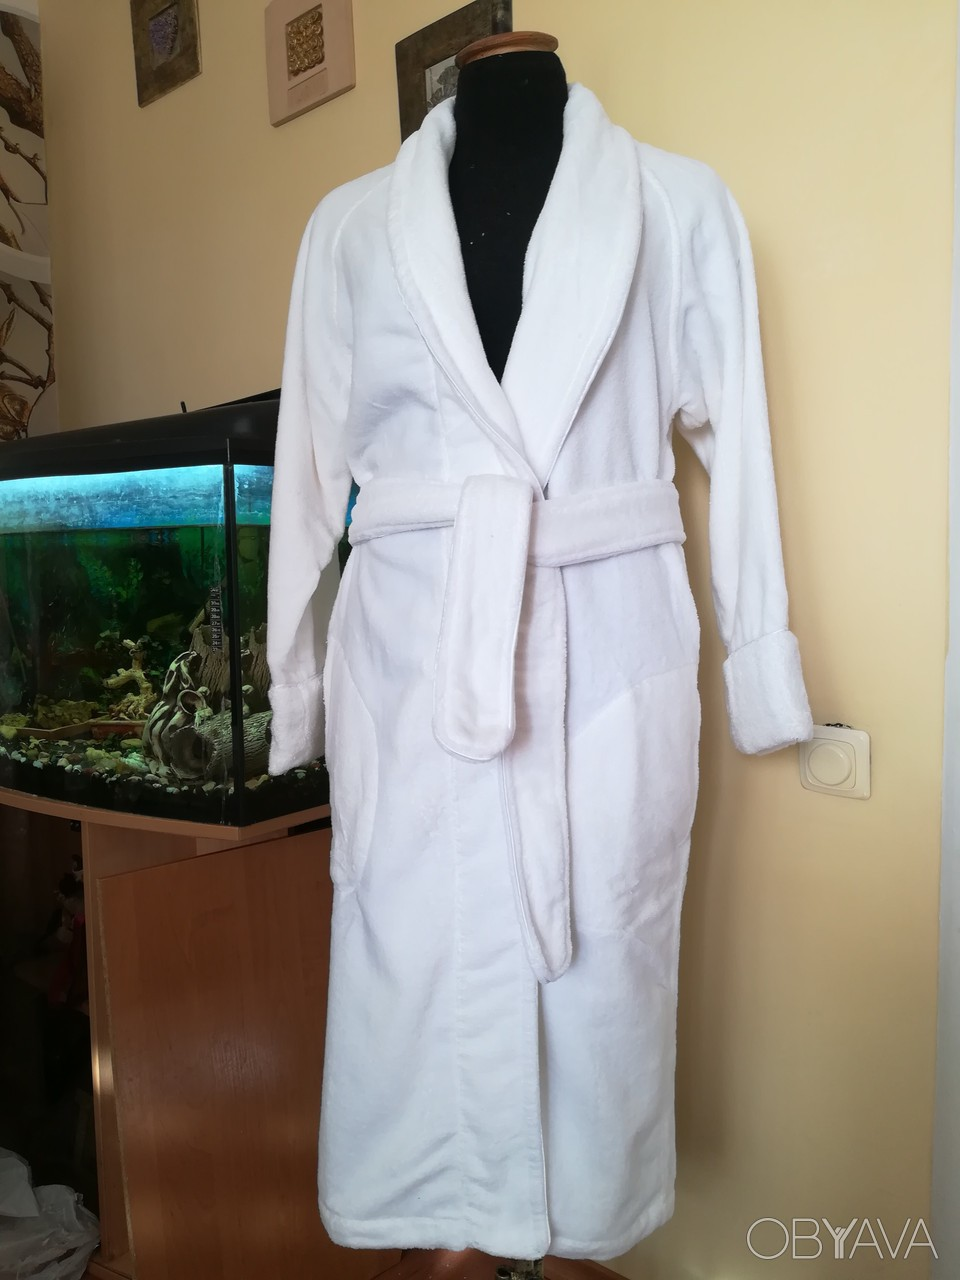 Выбираем банный халат: махровый или вафельный